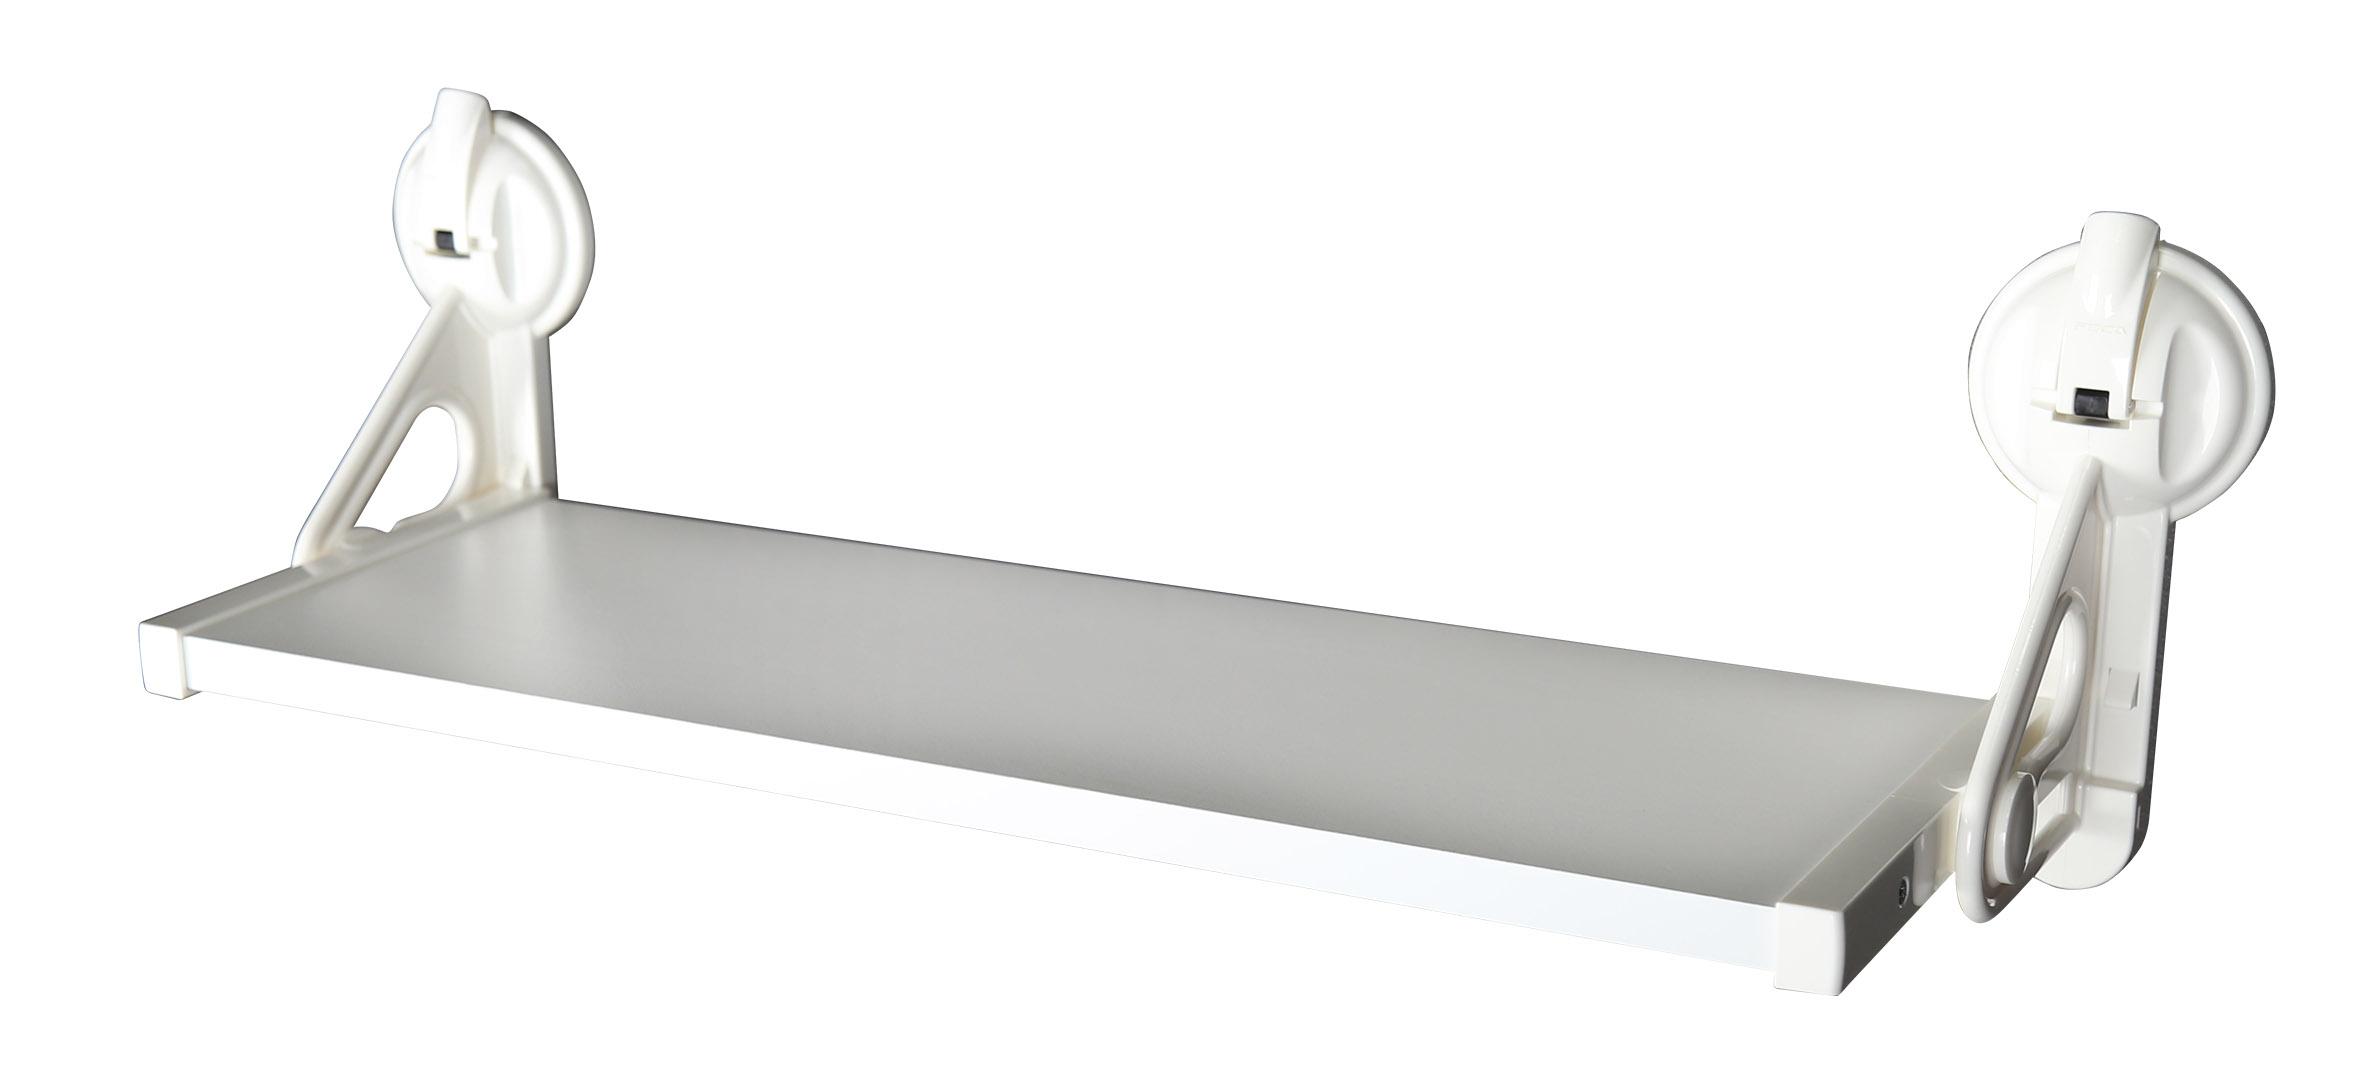 FERRO-CARBON ENTERPRISE CO.,LTD.-Samurai Wall Shelf Set